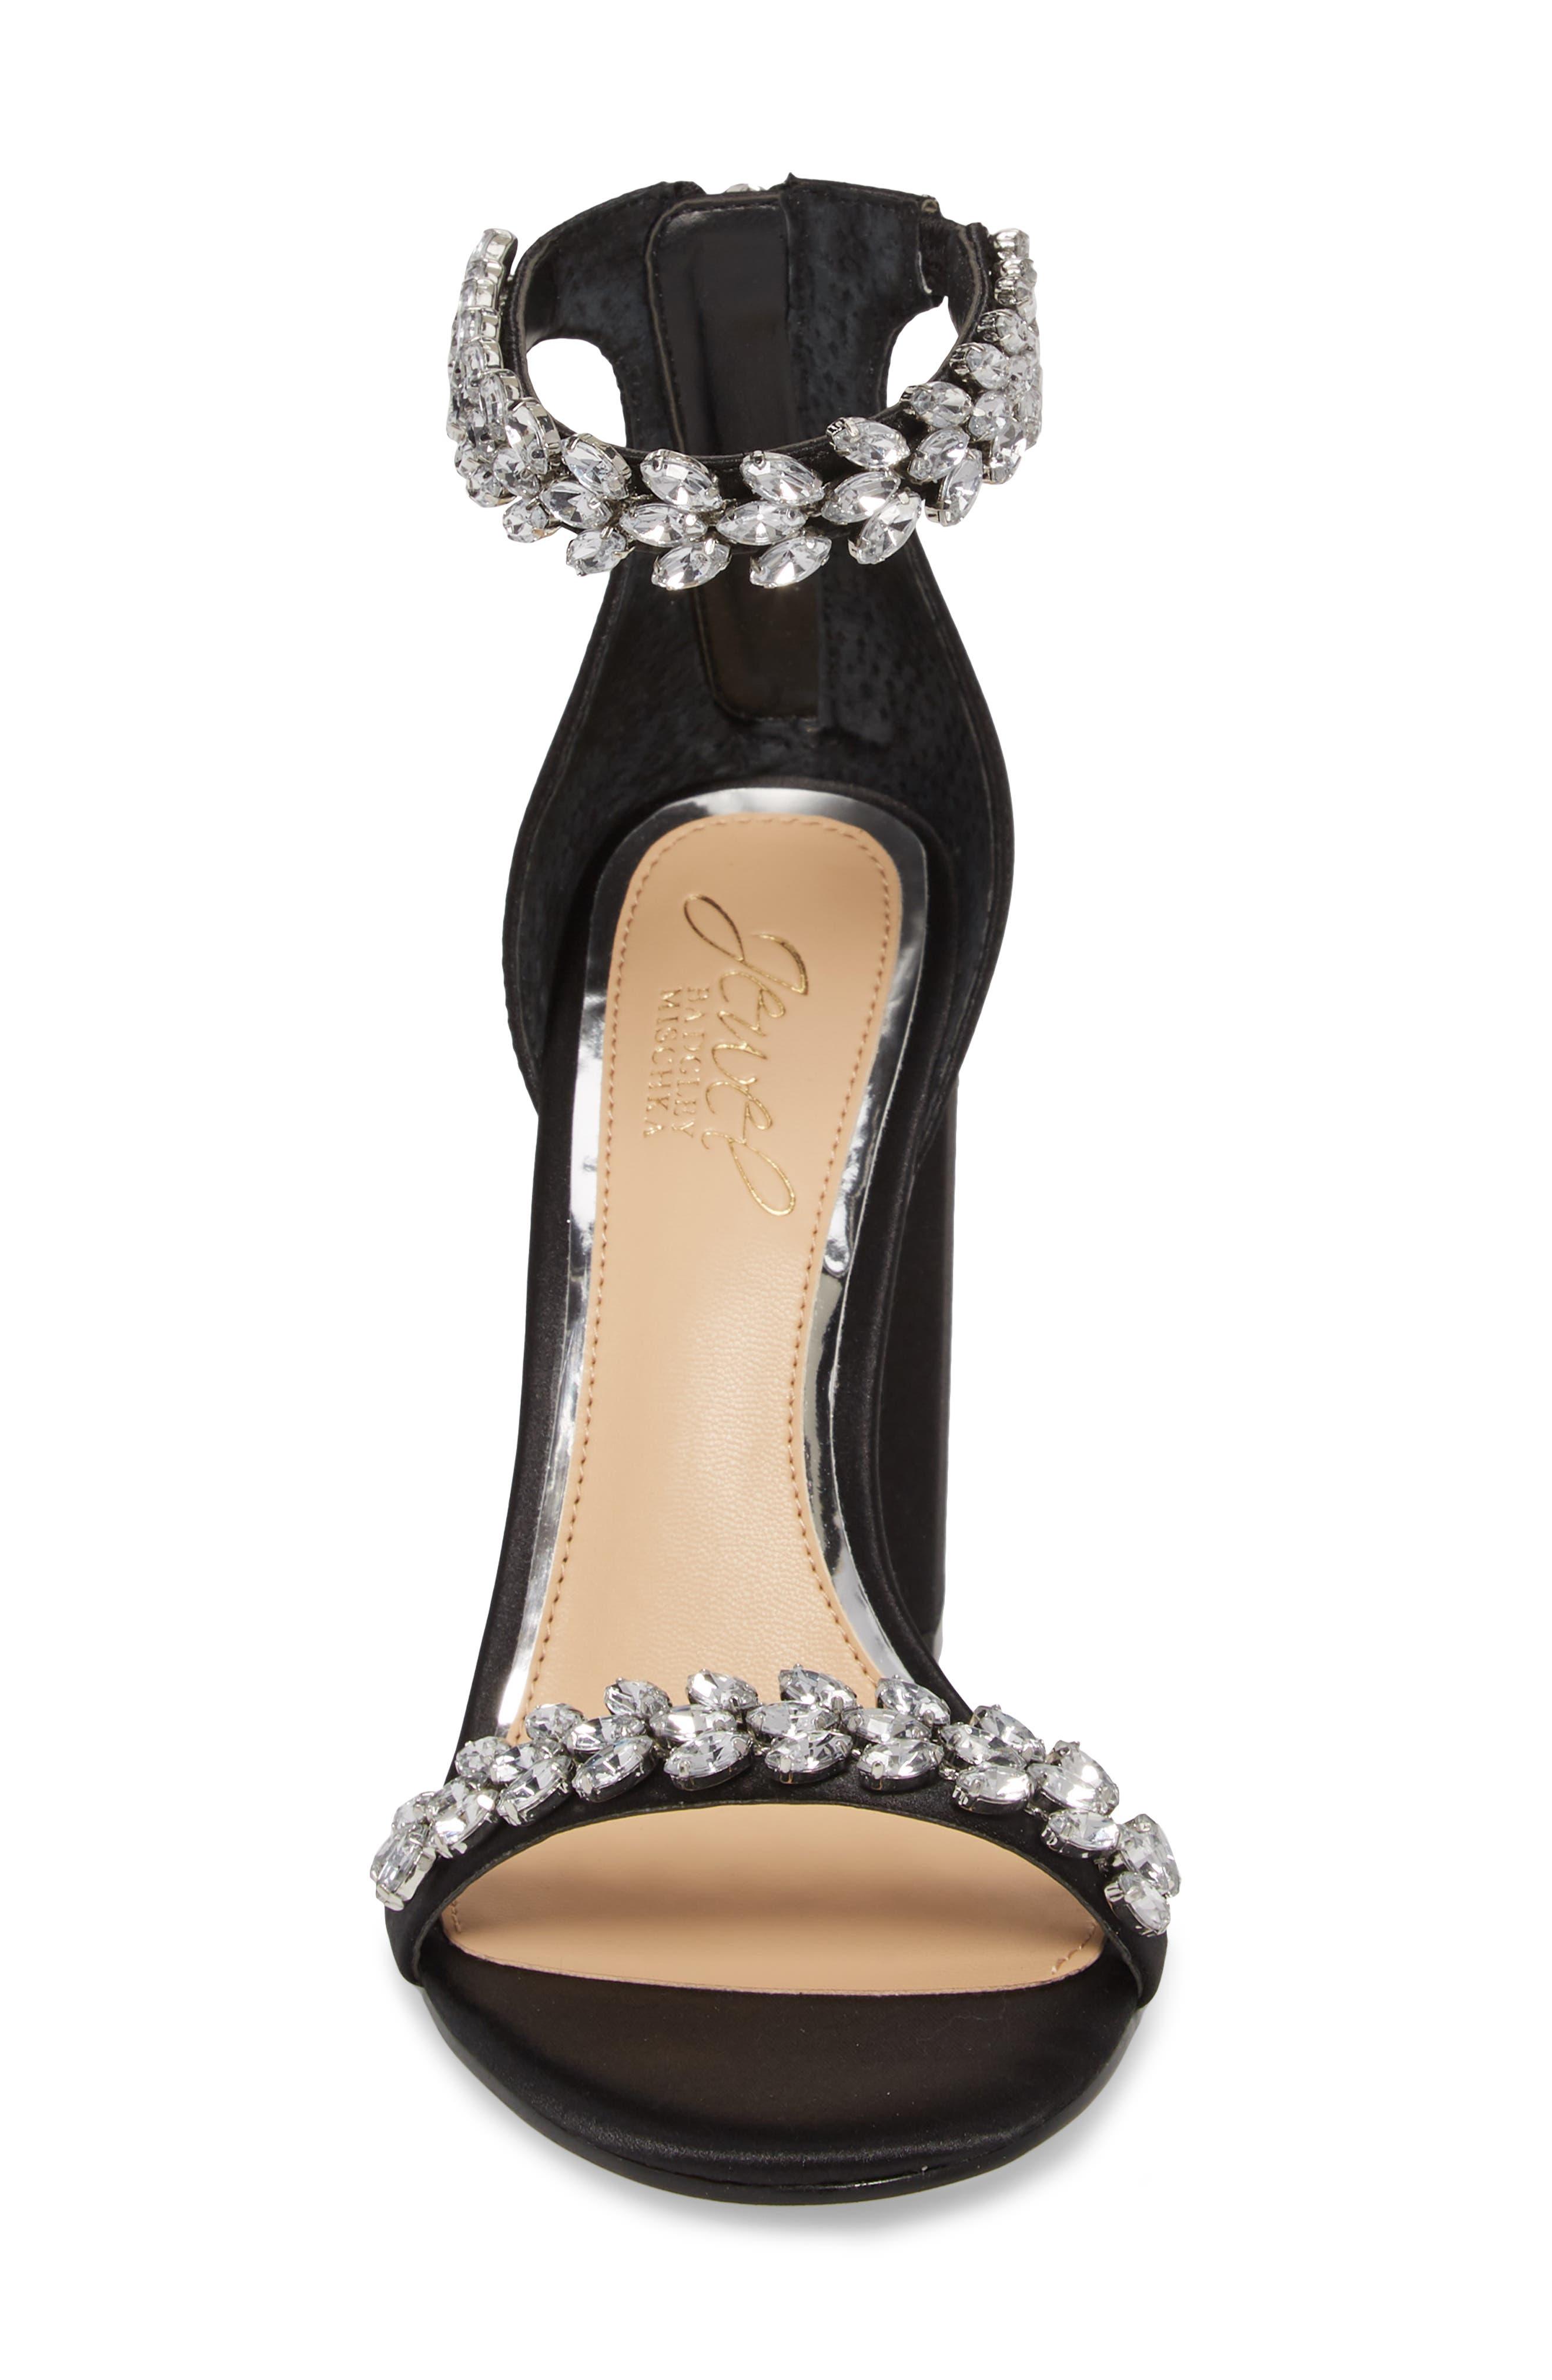 JEWEL BADGLEY MISCHKA,                             Jewel by Badgley Mischka Mayra Embellished Ankle Strap Sandal,                             Alternate thumbnail 4, color,                             BLACK SATIN